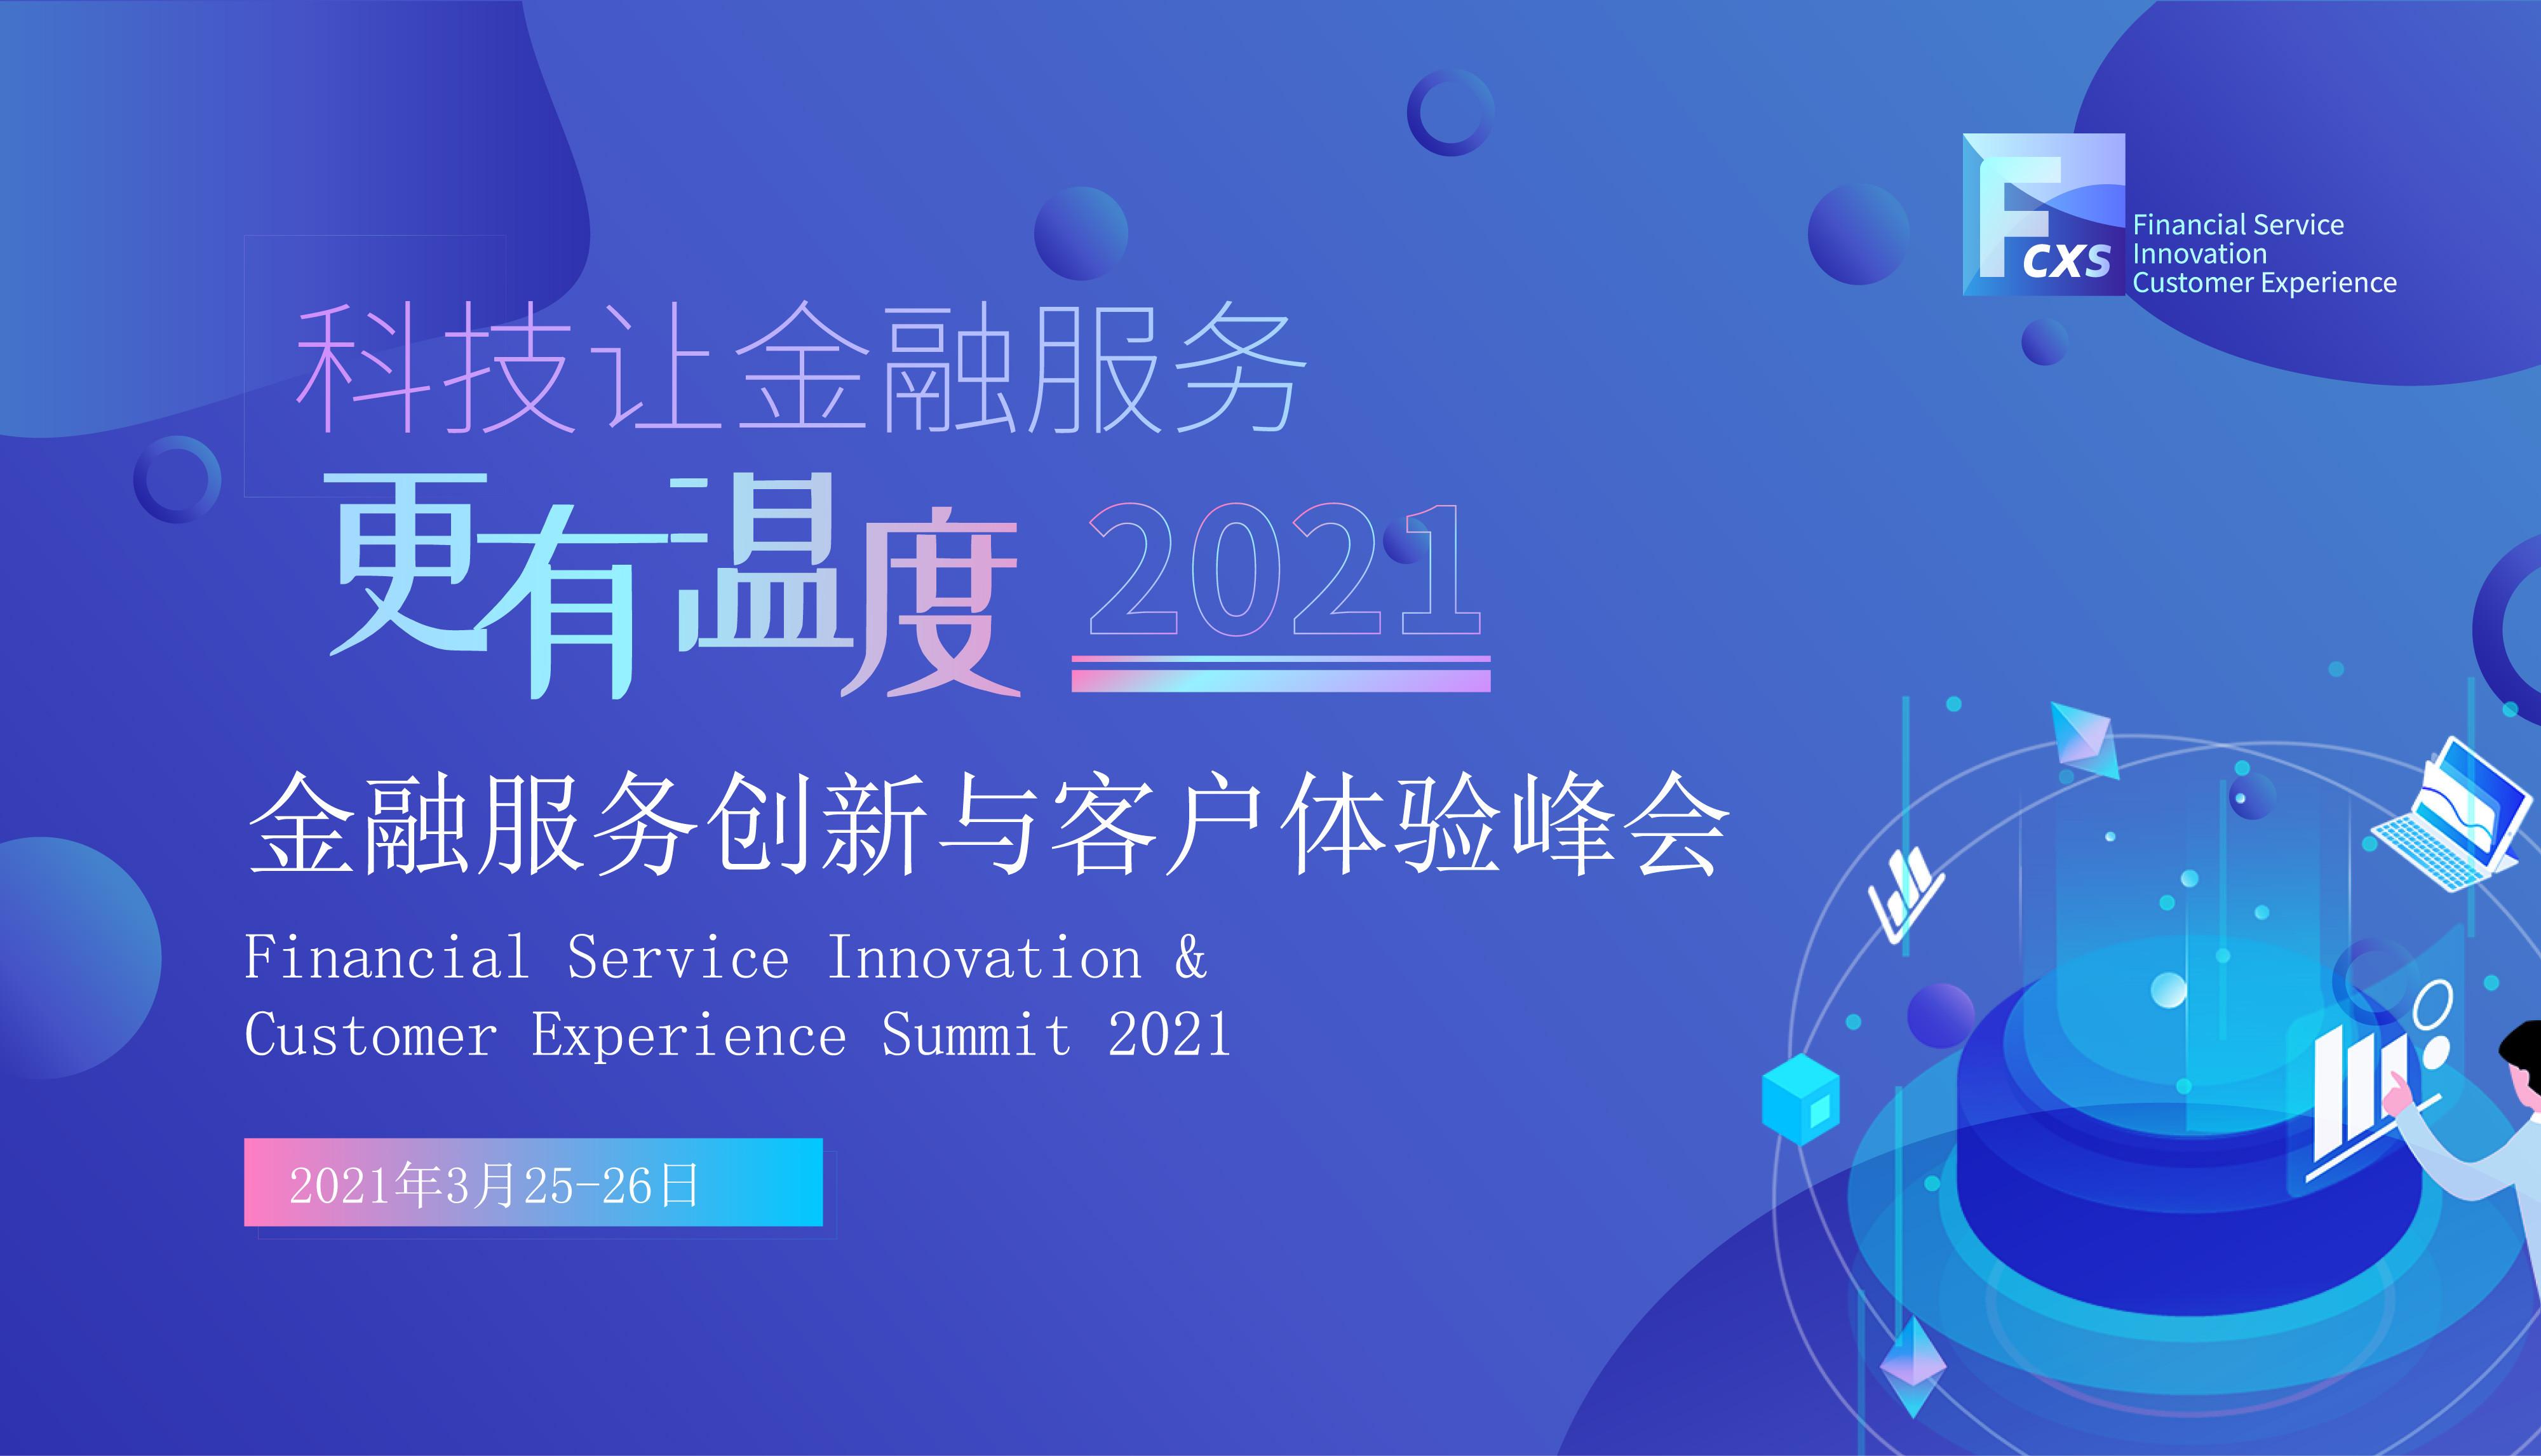 2021金融服務創新與客戶體驗峰會